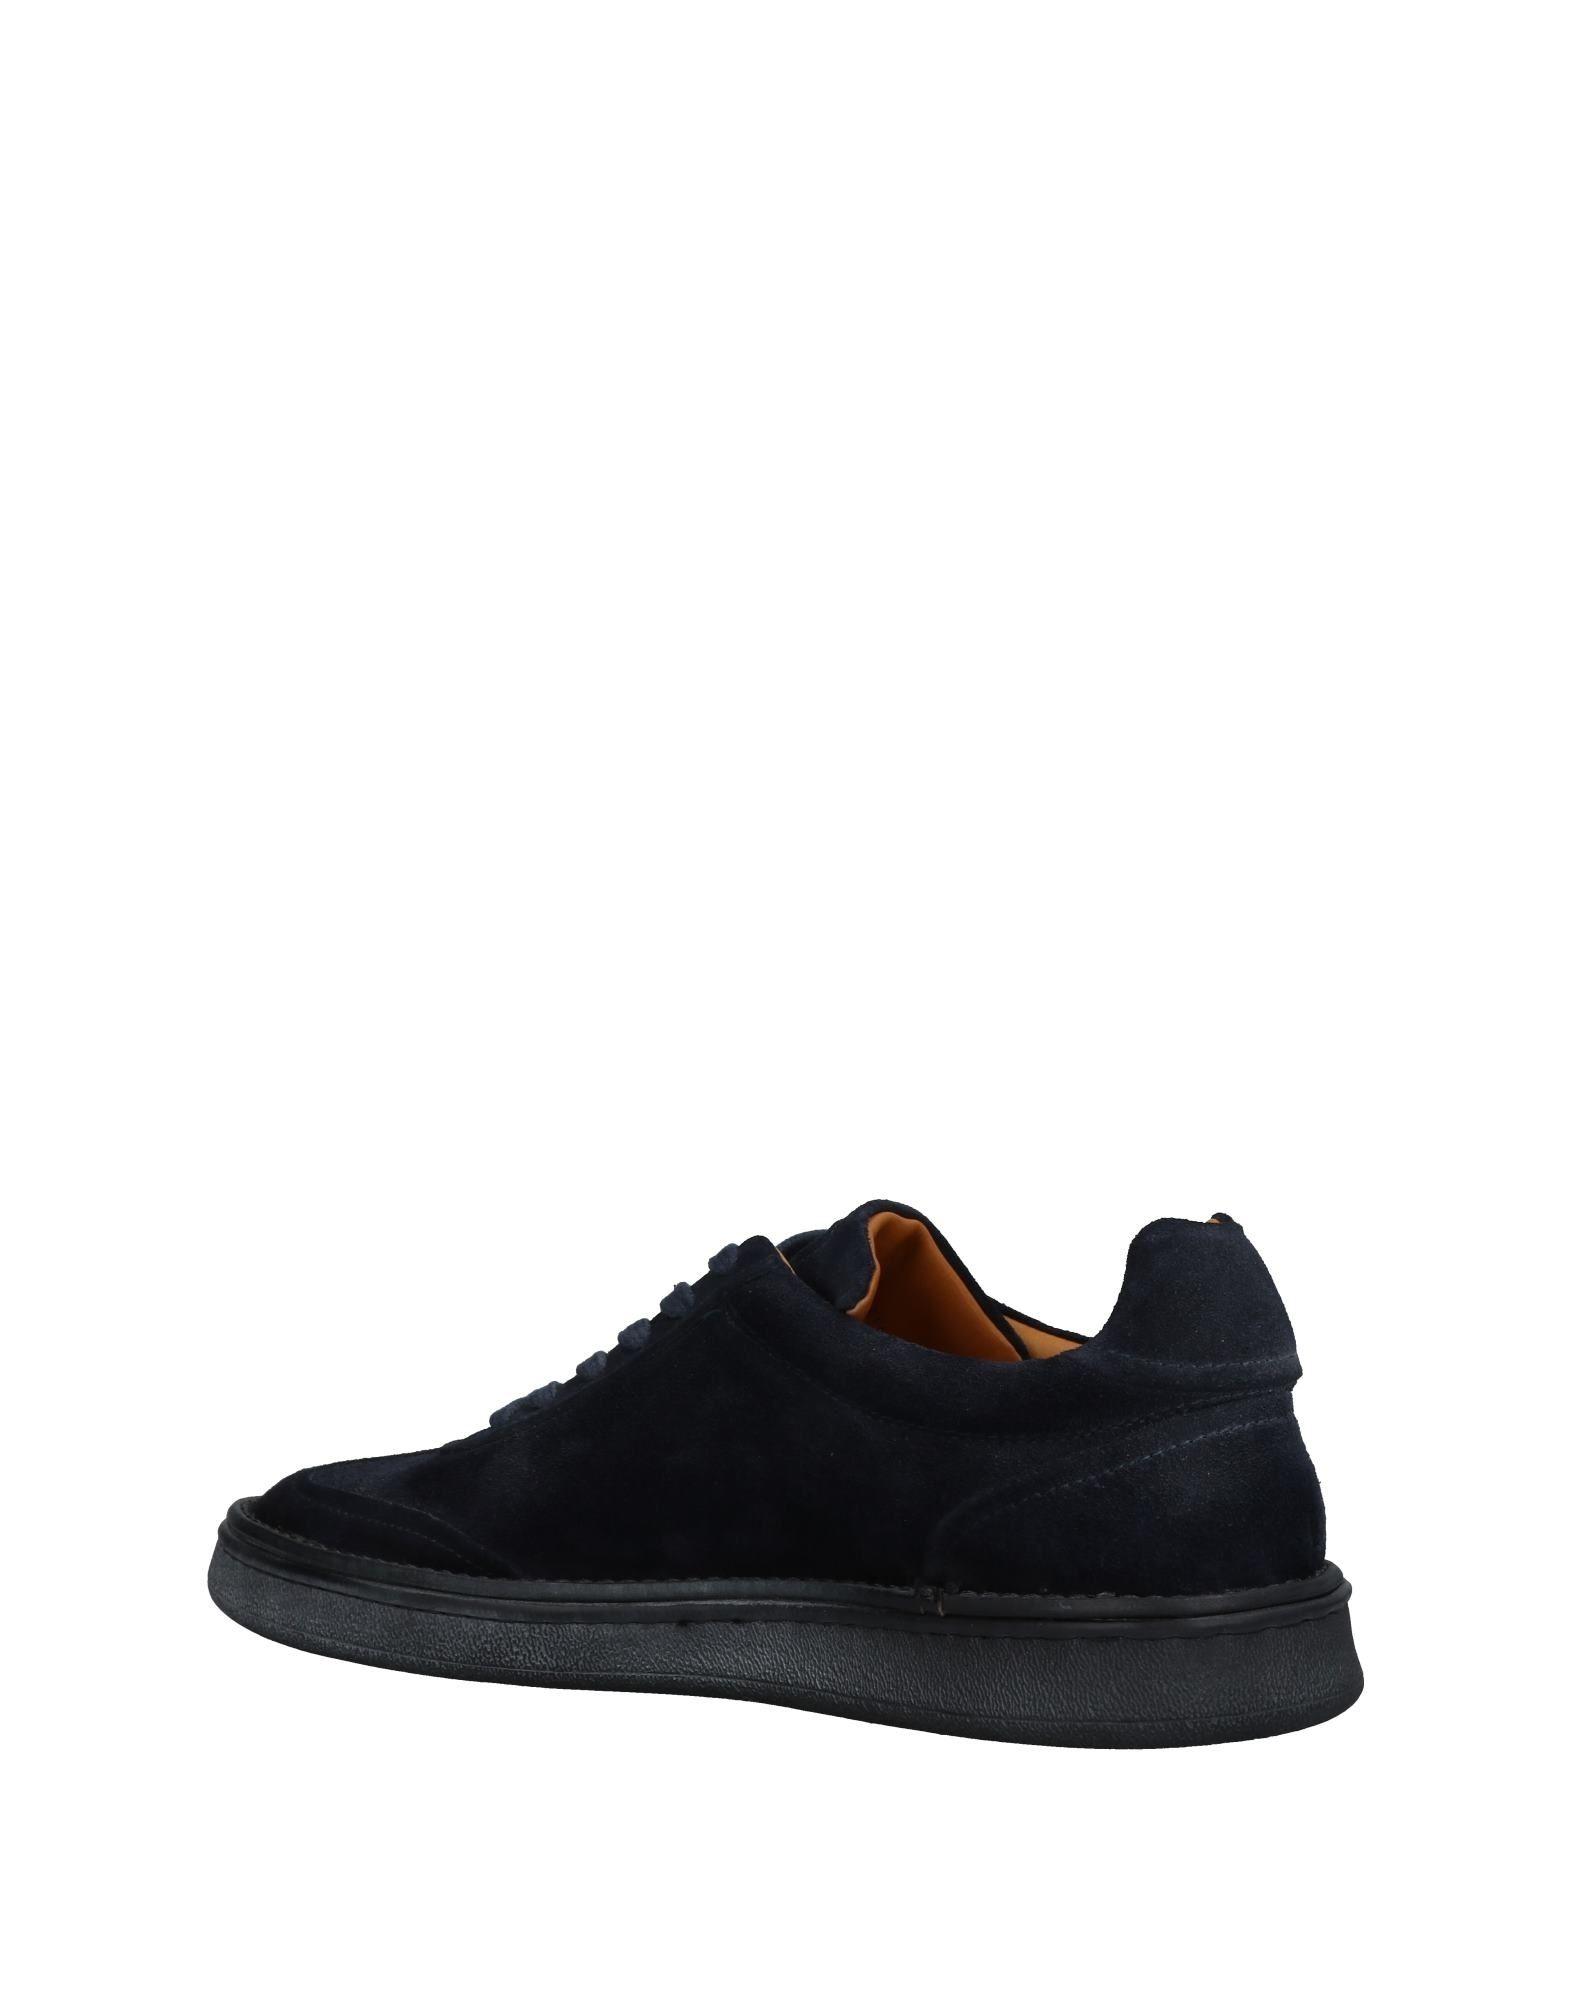 Pantofola D'oro Neue Sneakers Herren  11455736KJ Neue D'oro Schuhe ecb37a